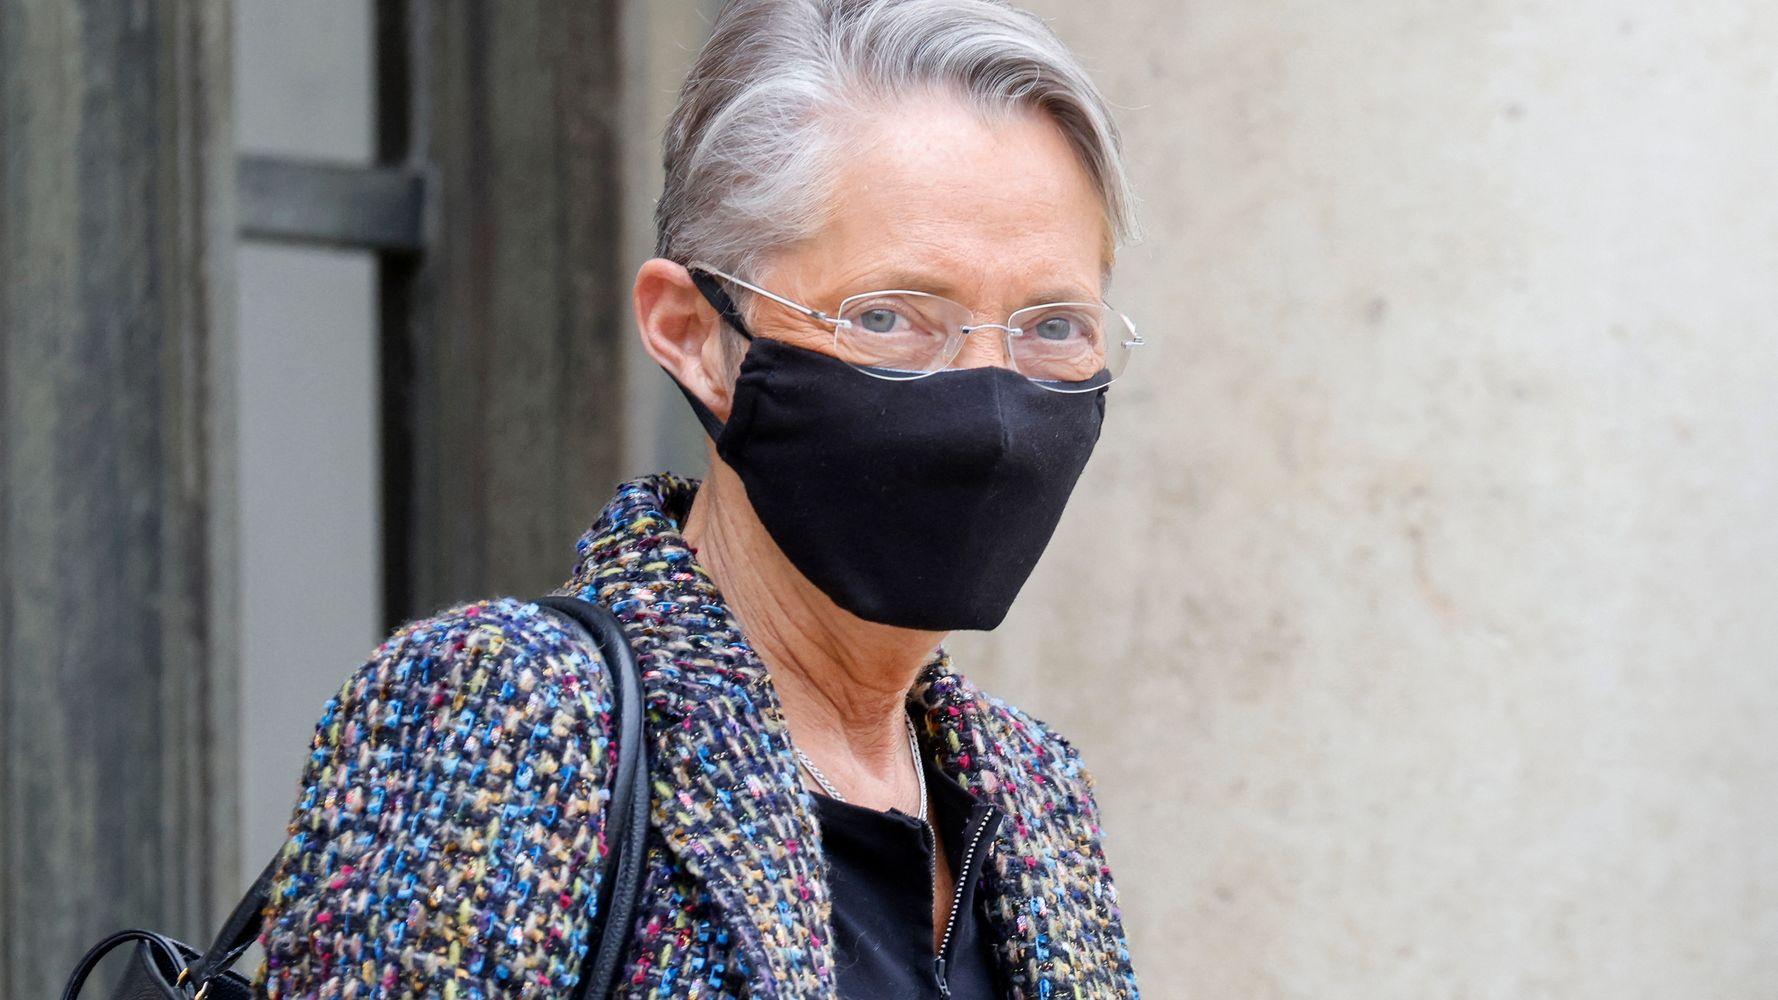 Covid-19: Elisabeth Borne hospitalisée mais sa santé est